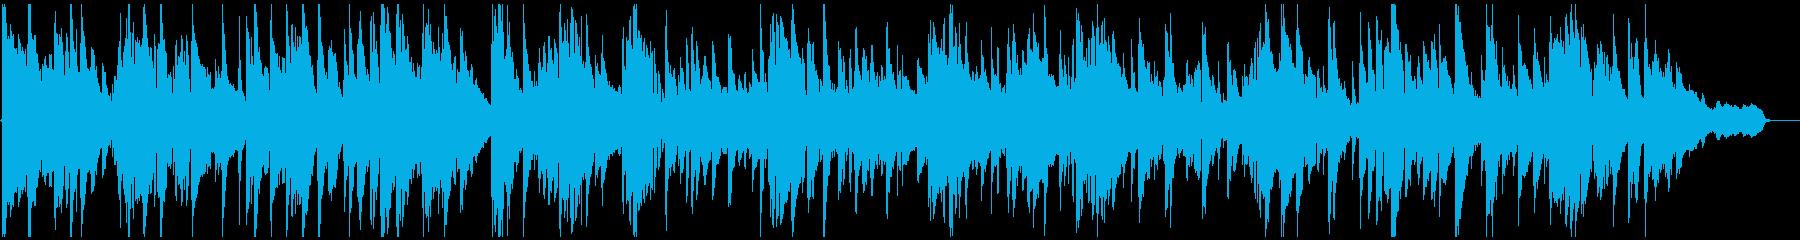 セクシーでエロい音色のサックスバラードの再生済みの波形